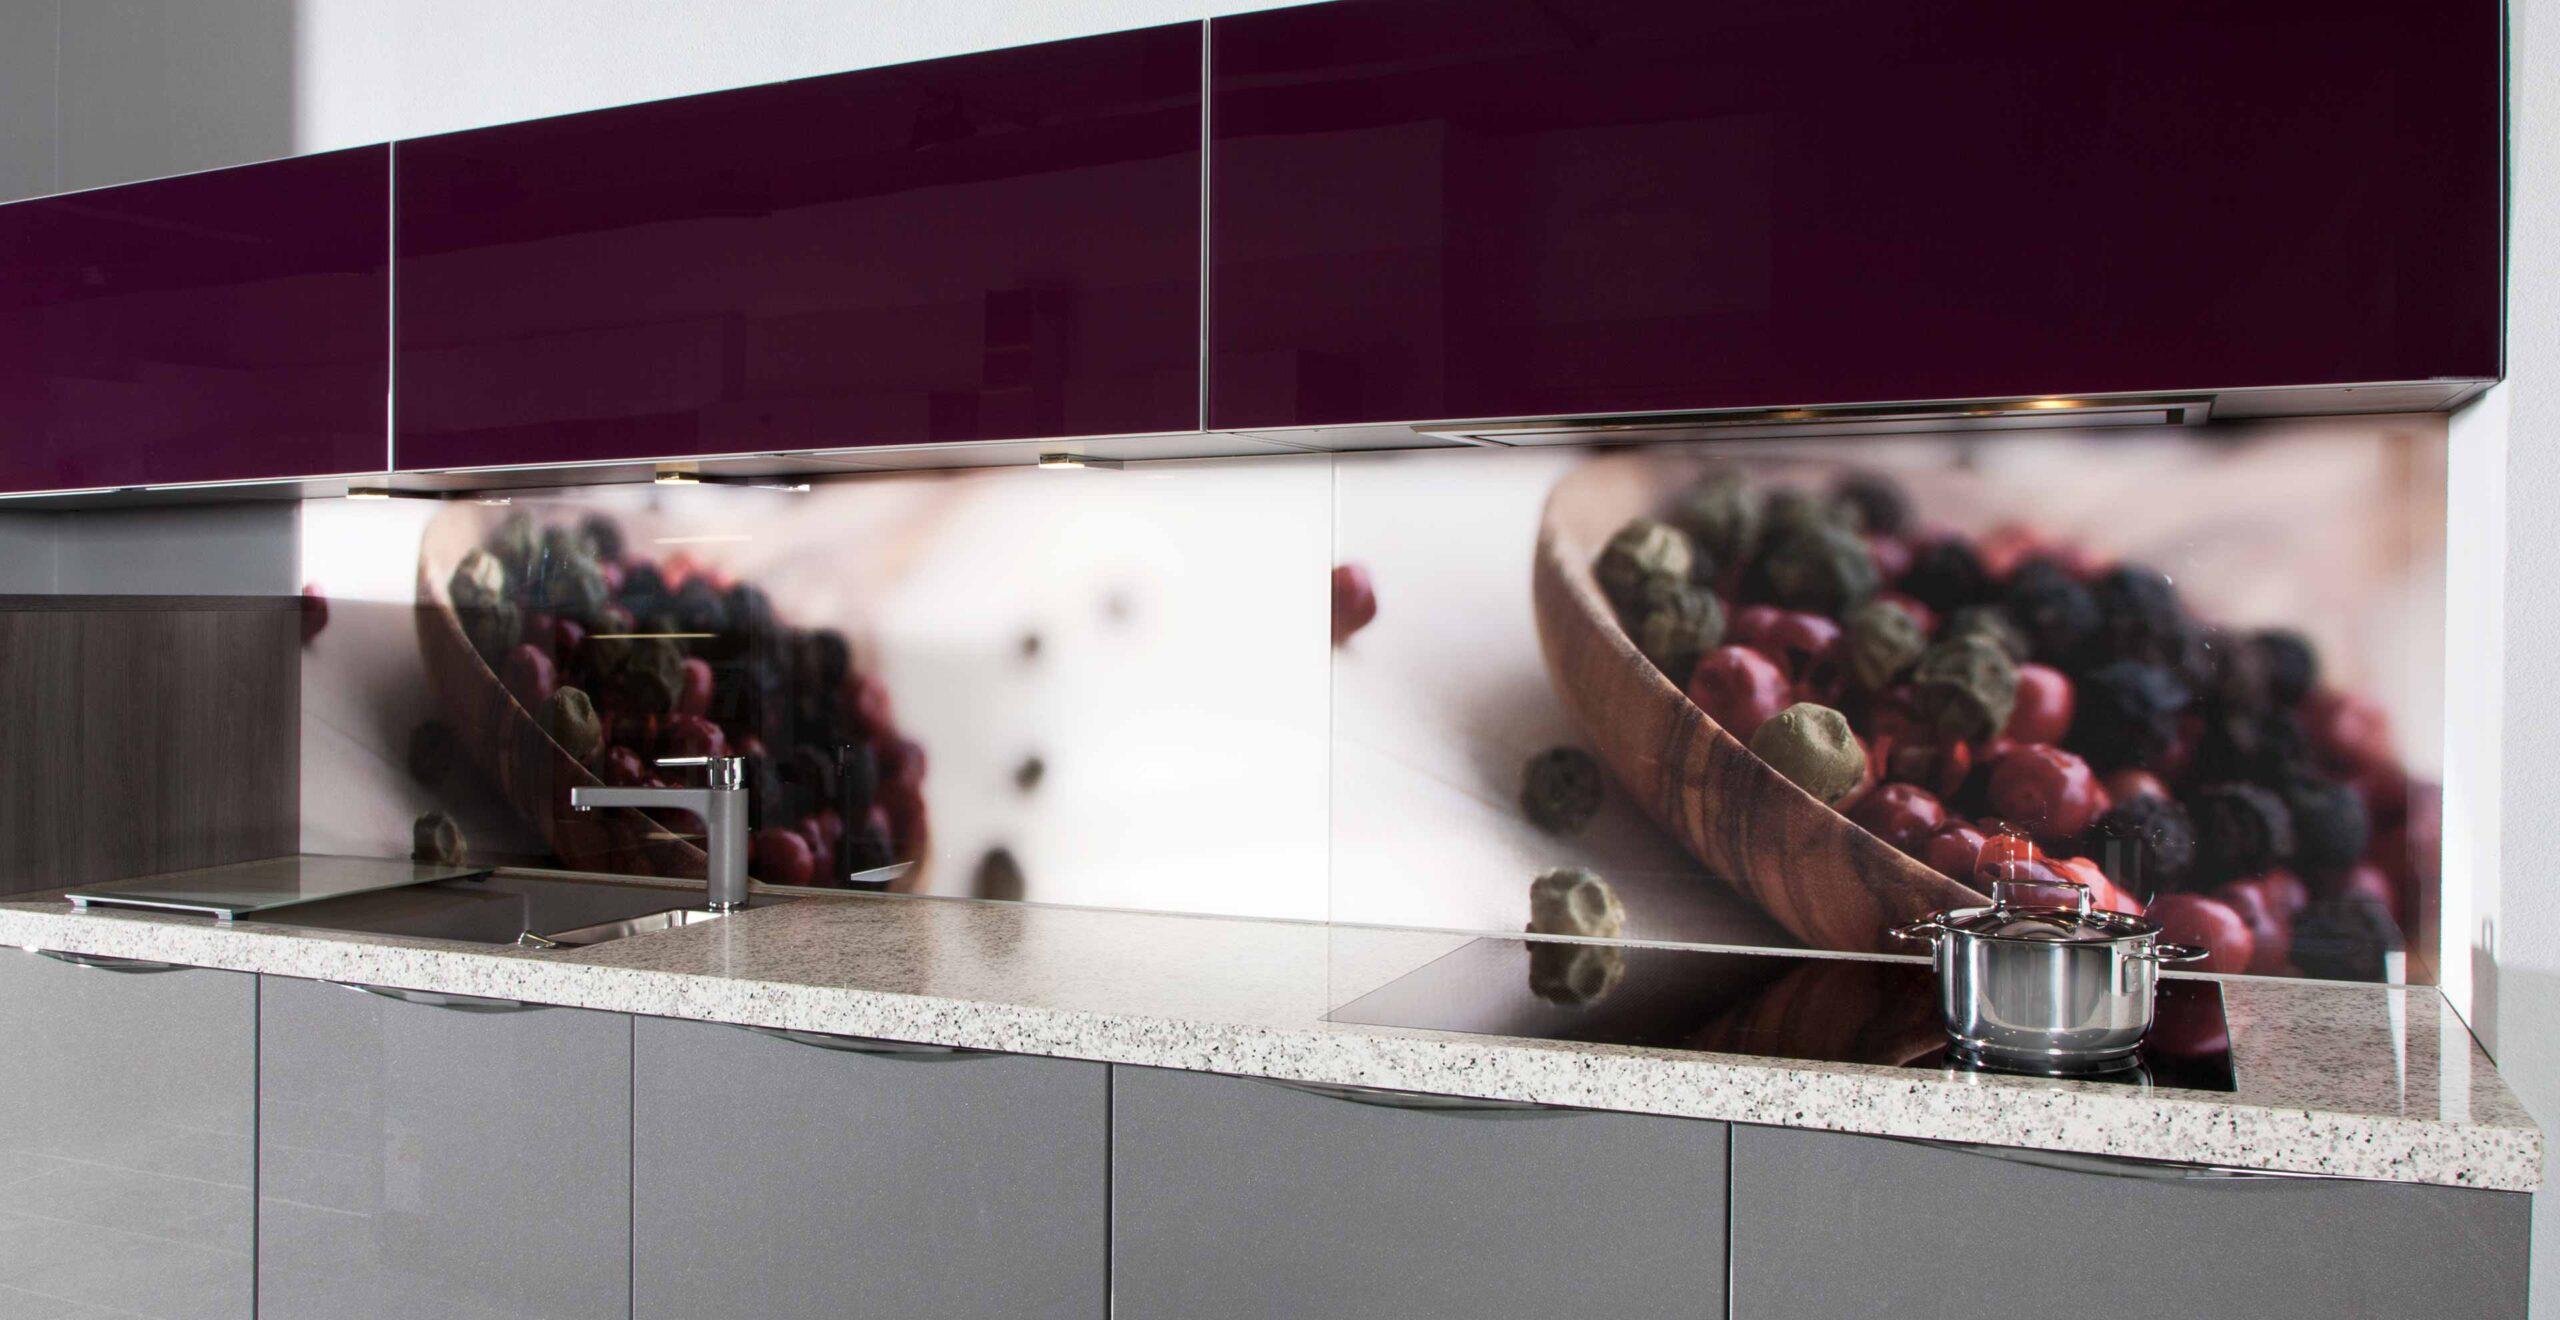 Full Size of Rückwand Küche Nischenpaneele Aus Glas Marquardt Kchen Schwingtür Billig Wasserhähne Led Panel Jalousieschrank Hängeschränke Teppich Pantryküche Für Wohnzimmer Rückwand Küche